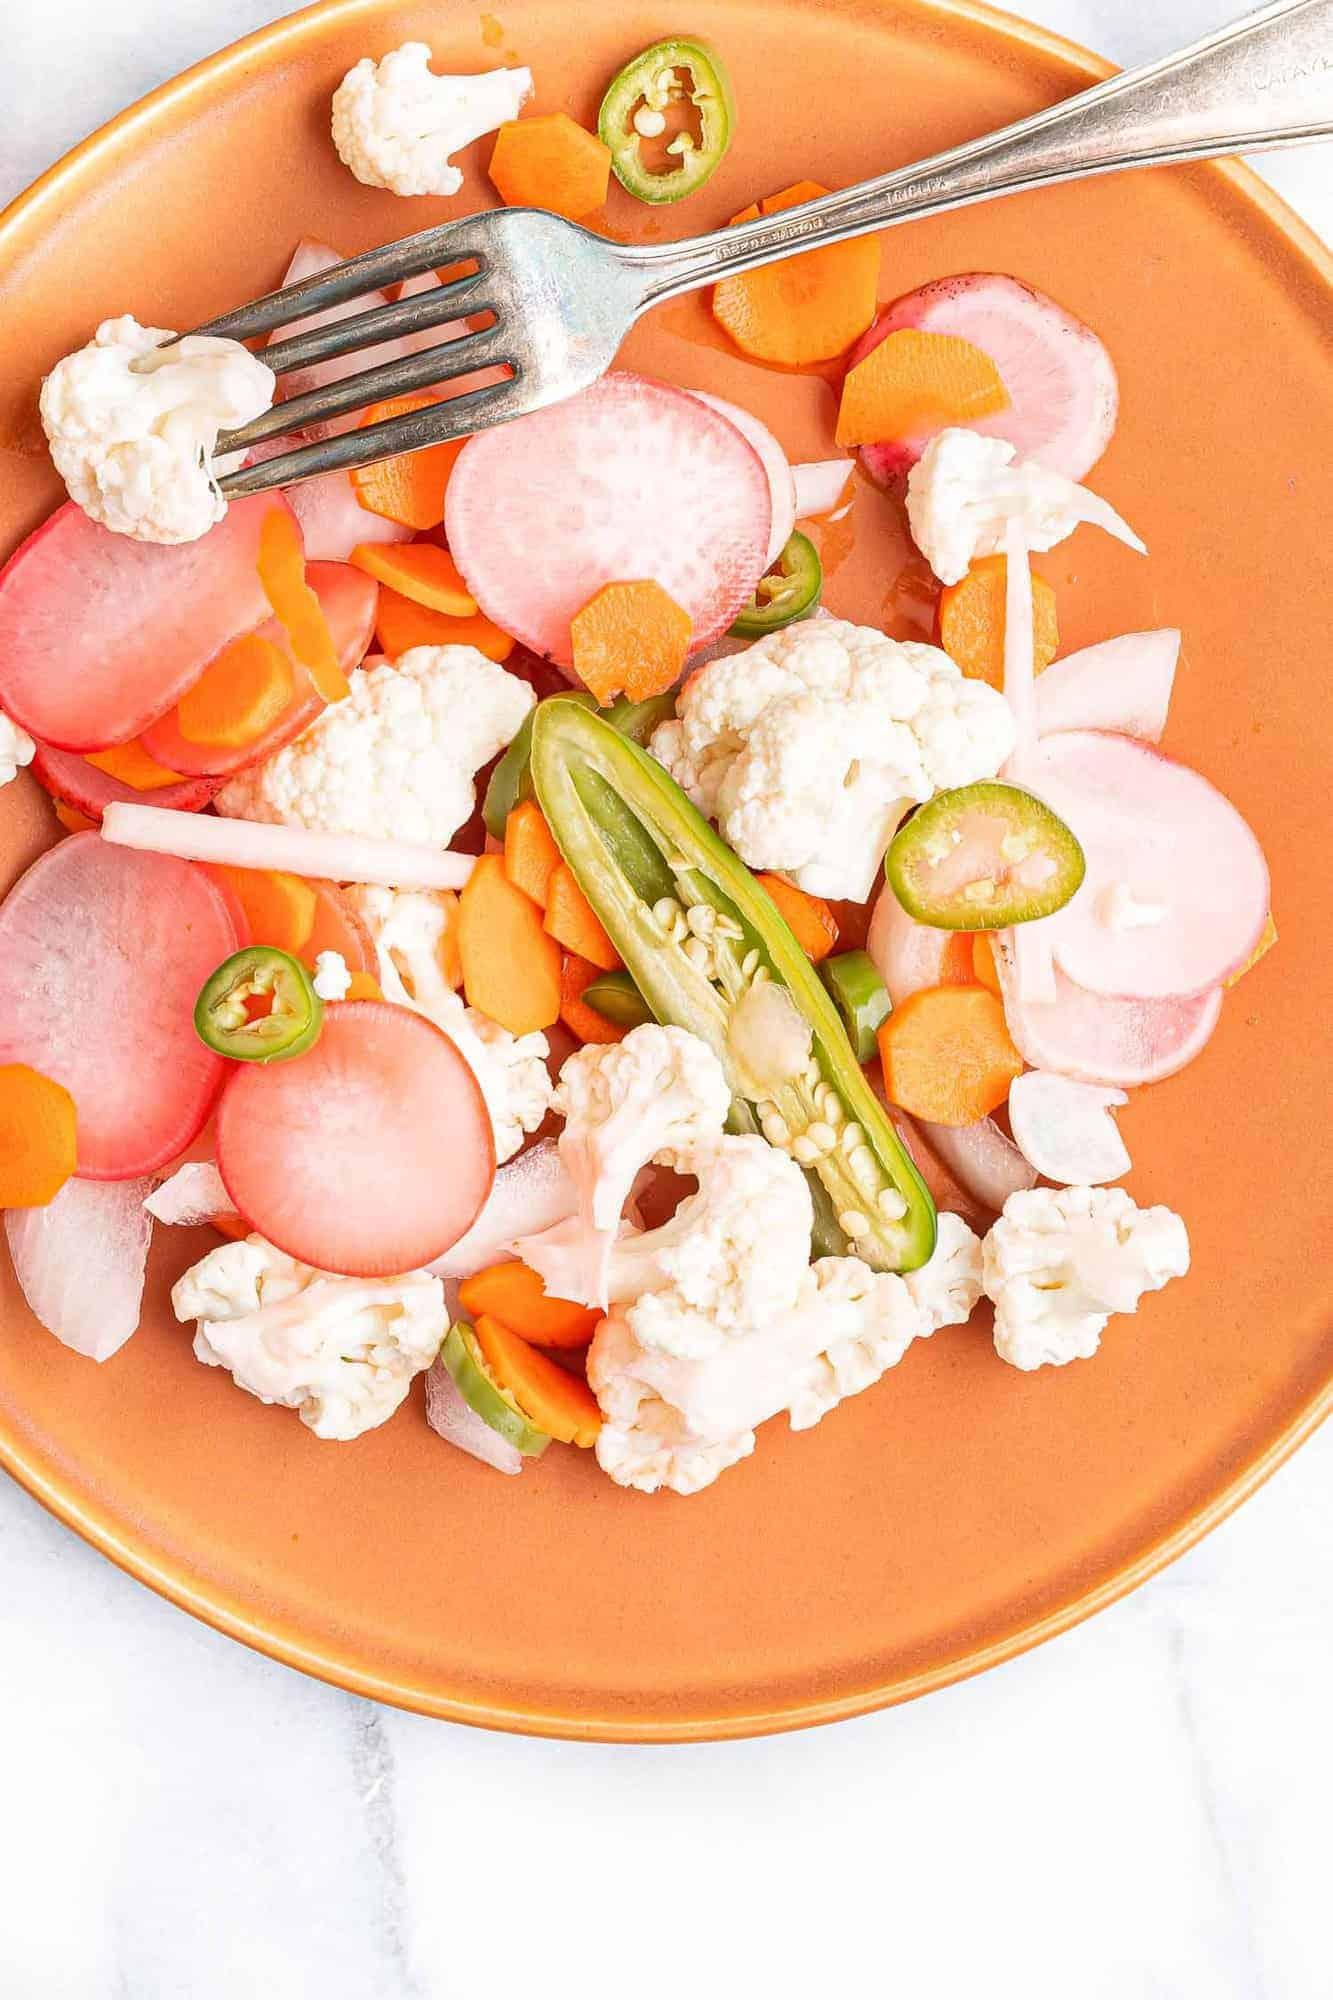 Pickled vegetables on a reddish orange plate.